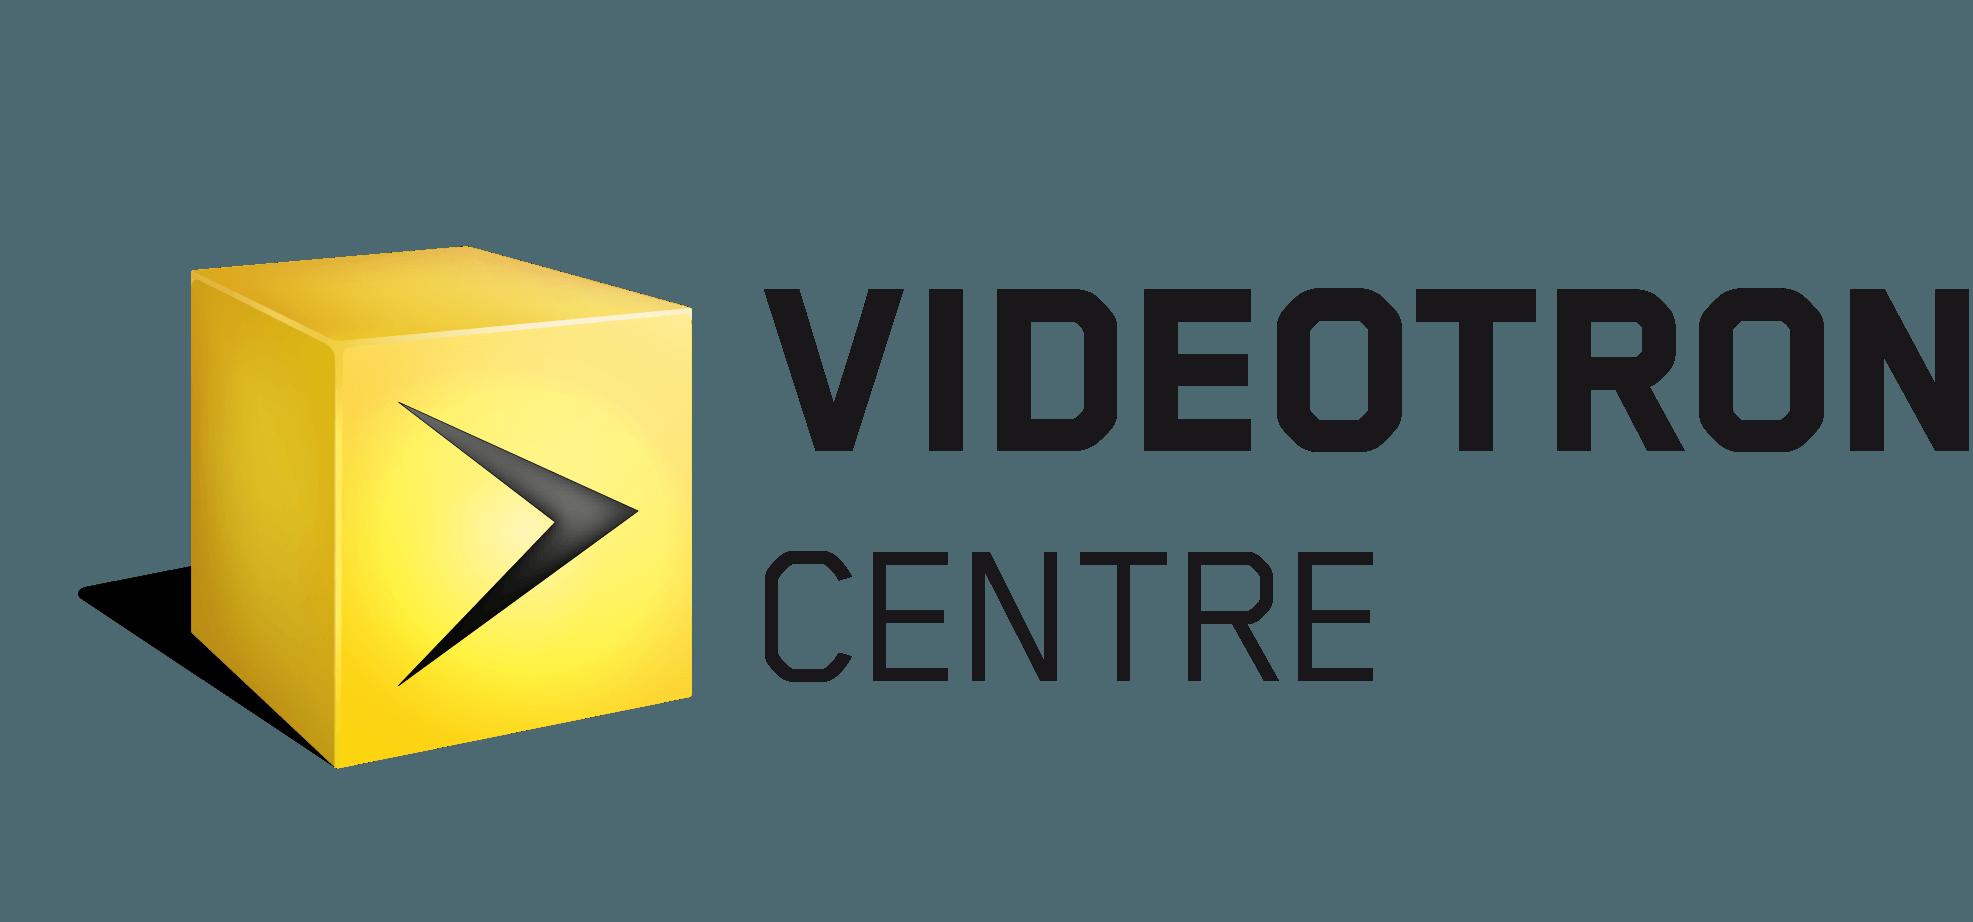 Videotron Logo Logodix